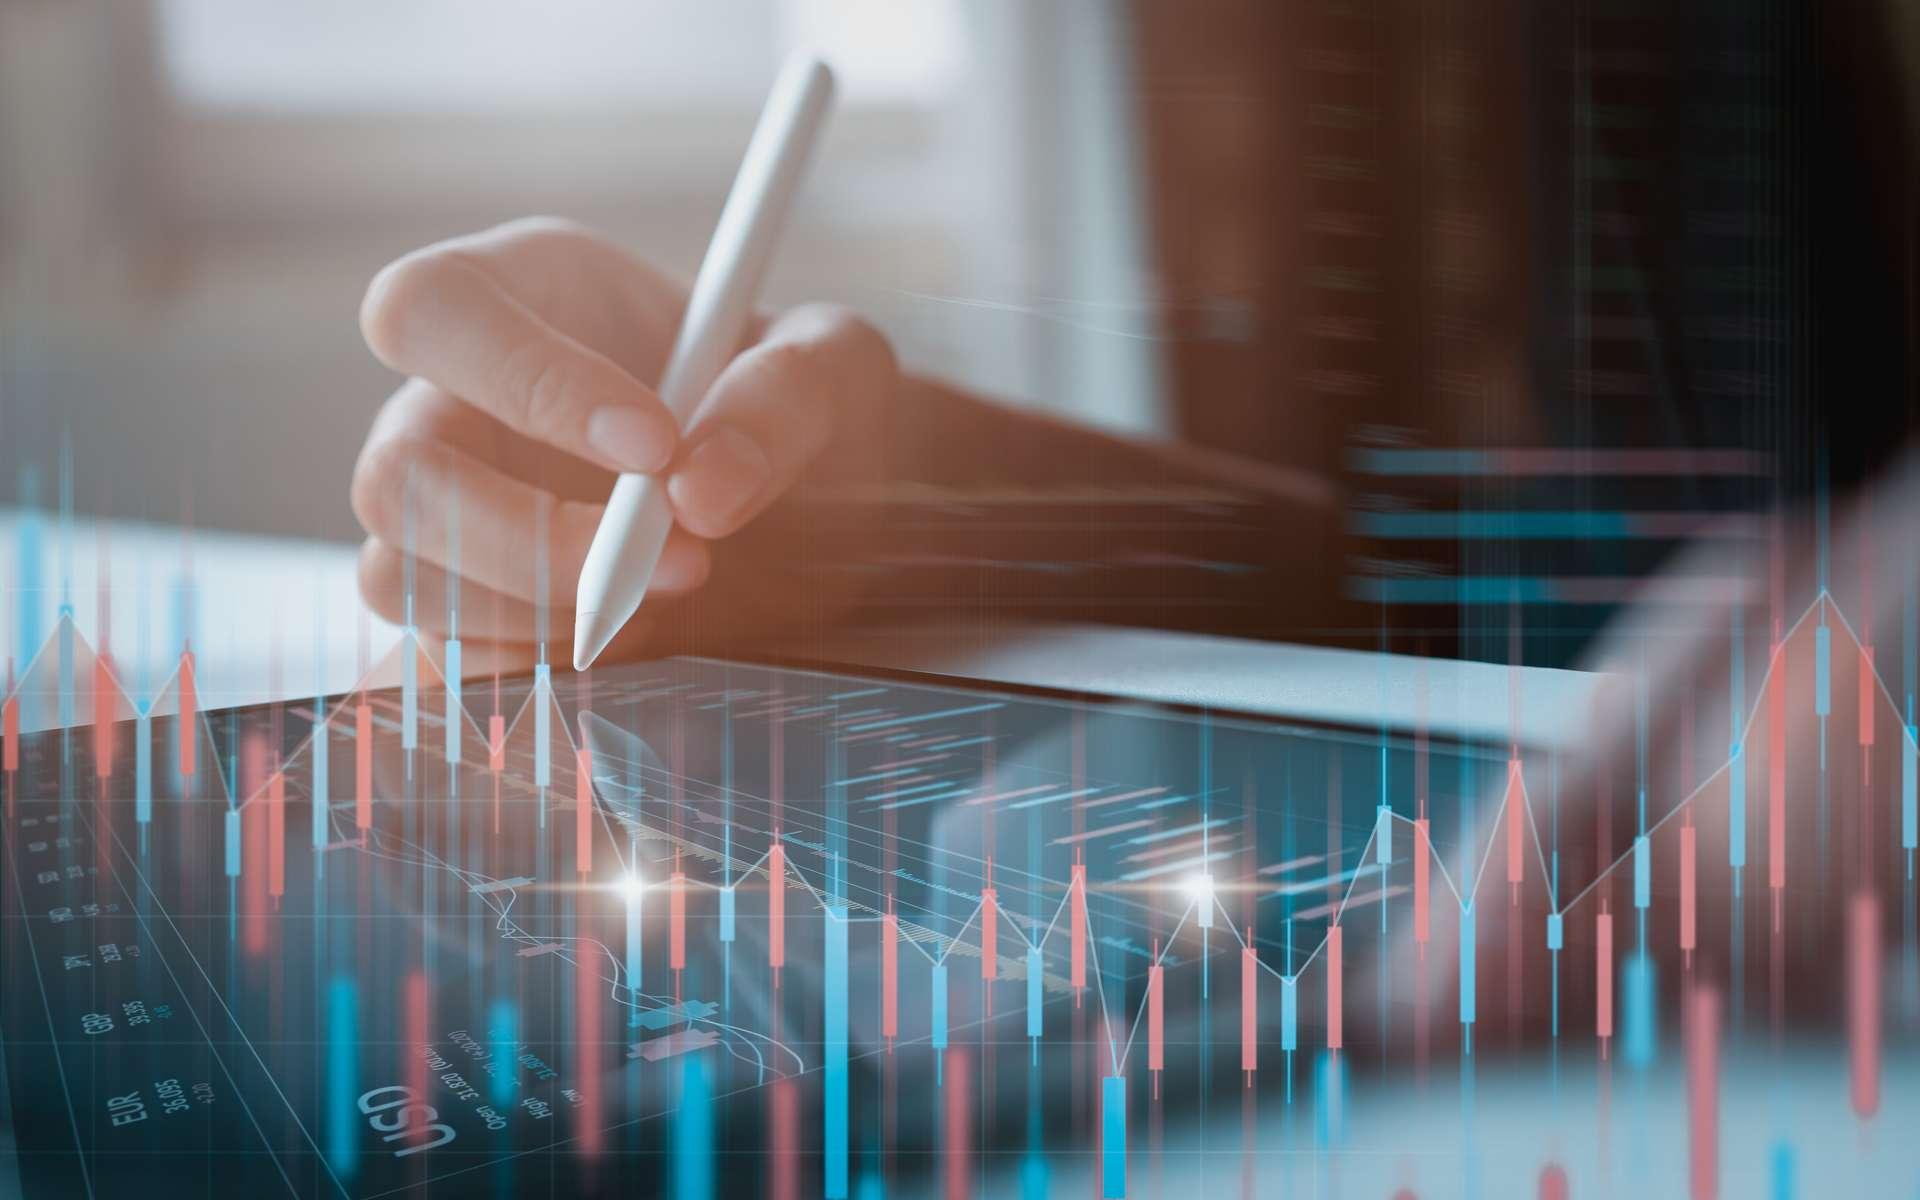 Une tablette graphique permet le dessin numérique. © sitthiphong, Adobe Stock